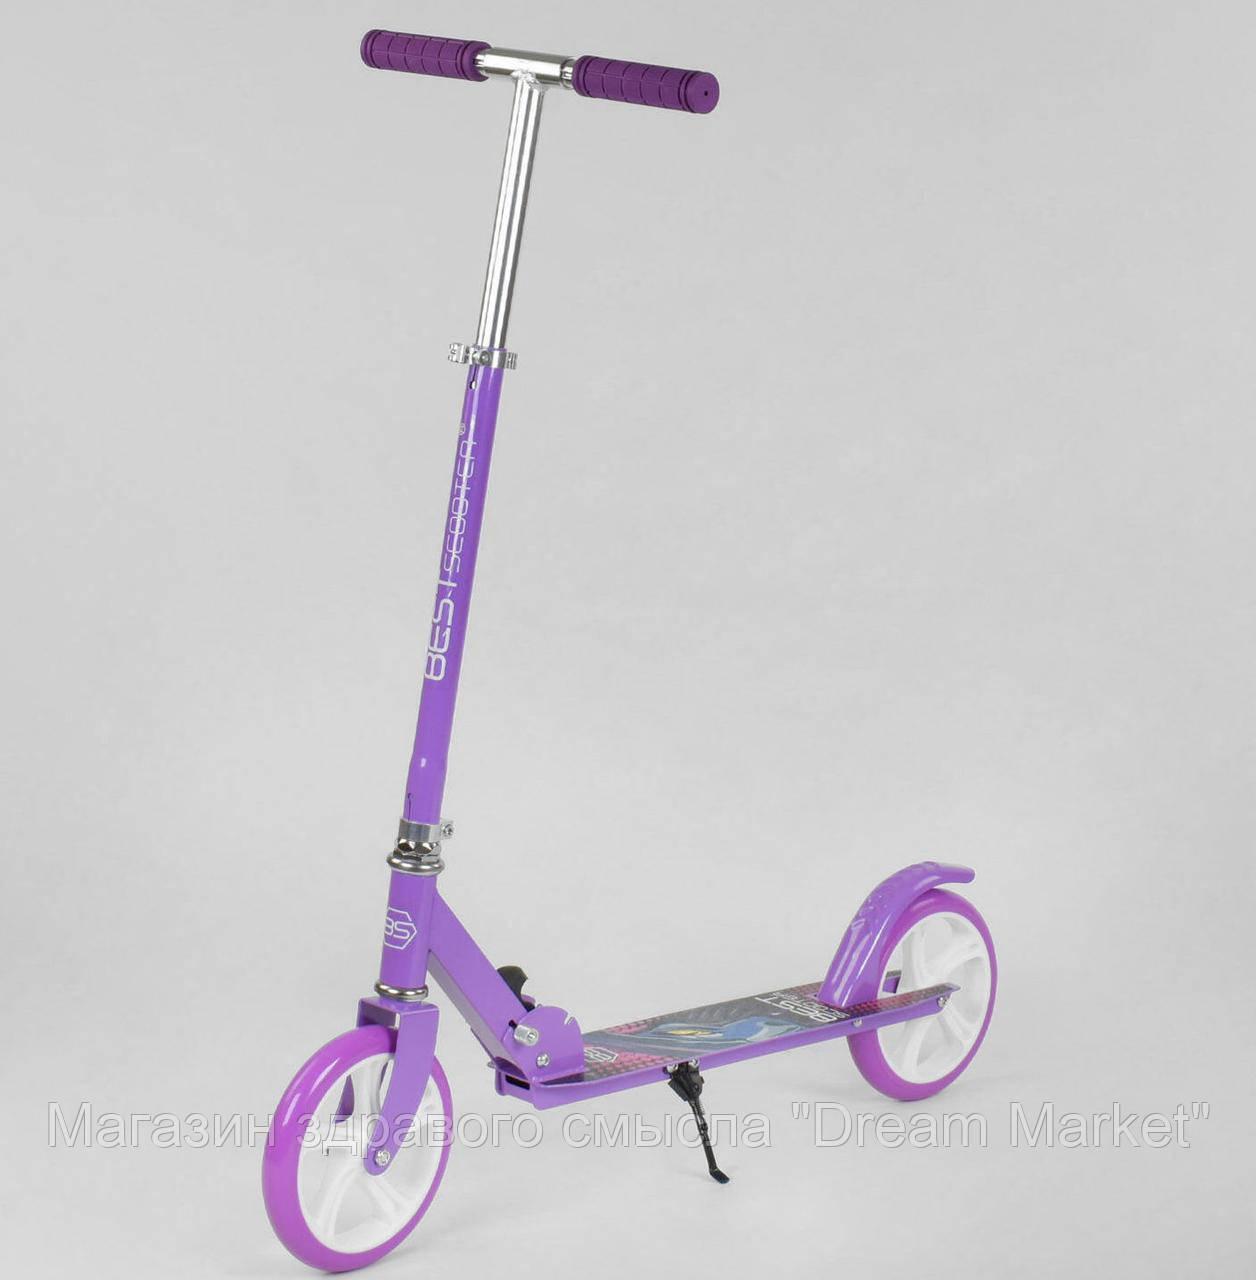 Детский Самокат складной для детей и взрослых, до 70 кг, руль 77-106 см, рама алюминий Best Scooter  арт.